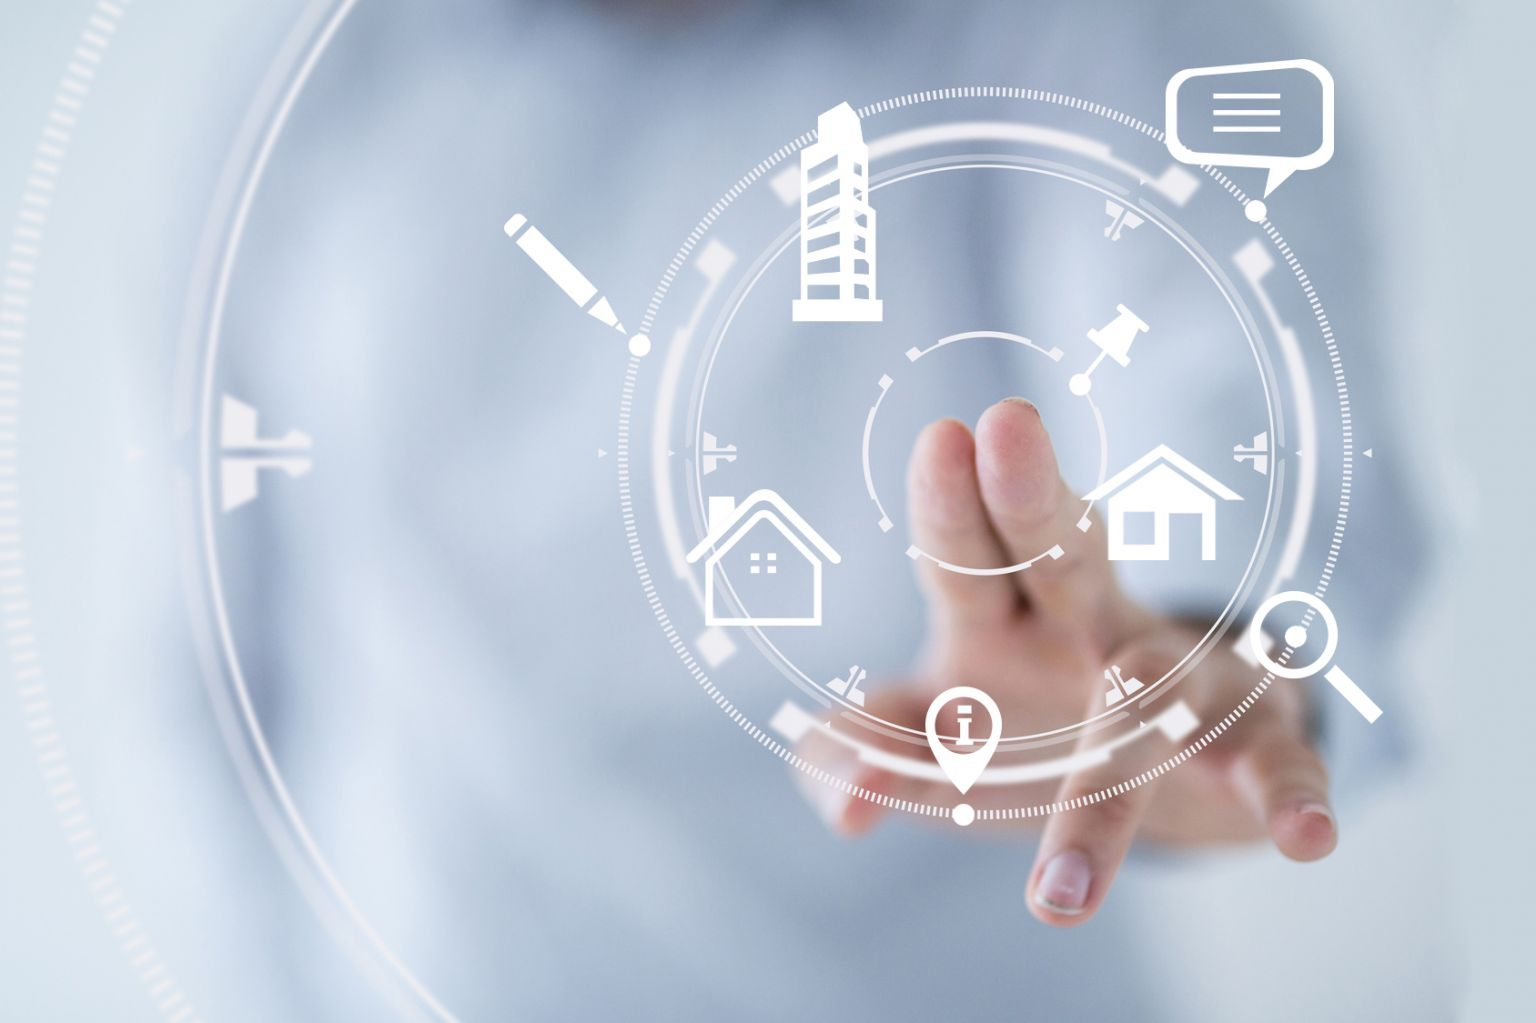 Bau- und Wohnfinanzierung: Digitale Angebote sind gefragt